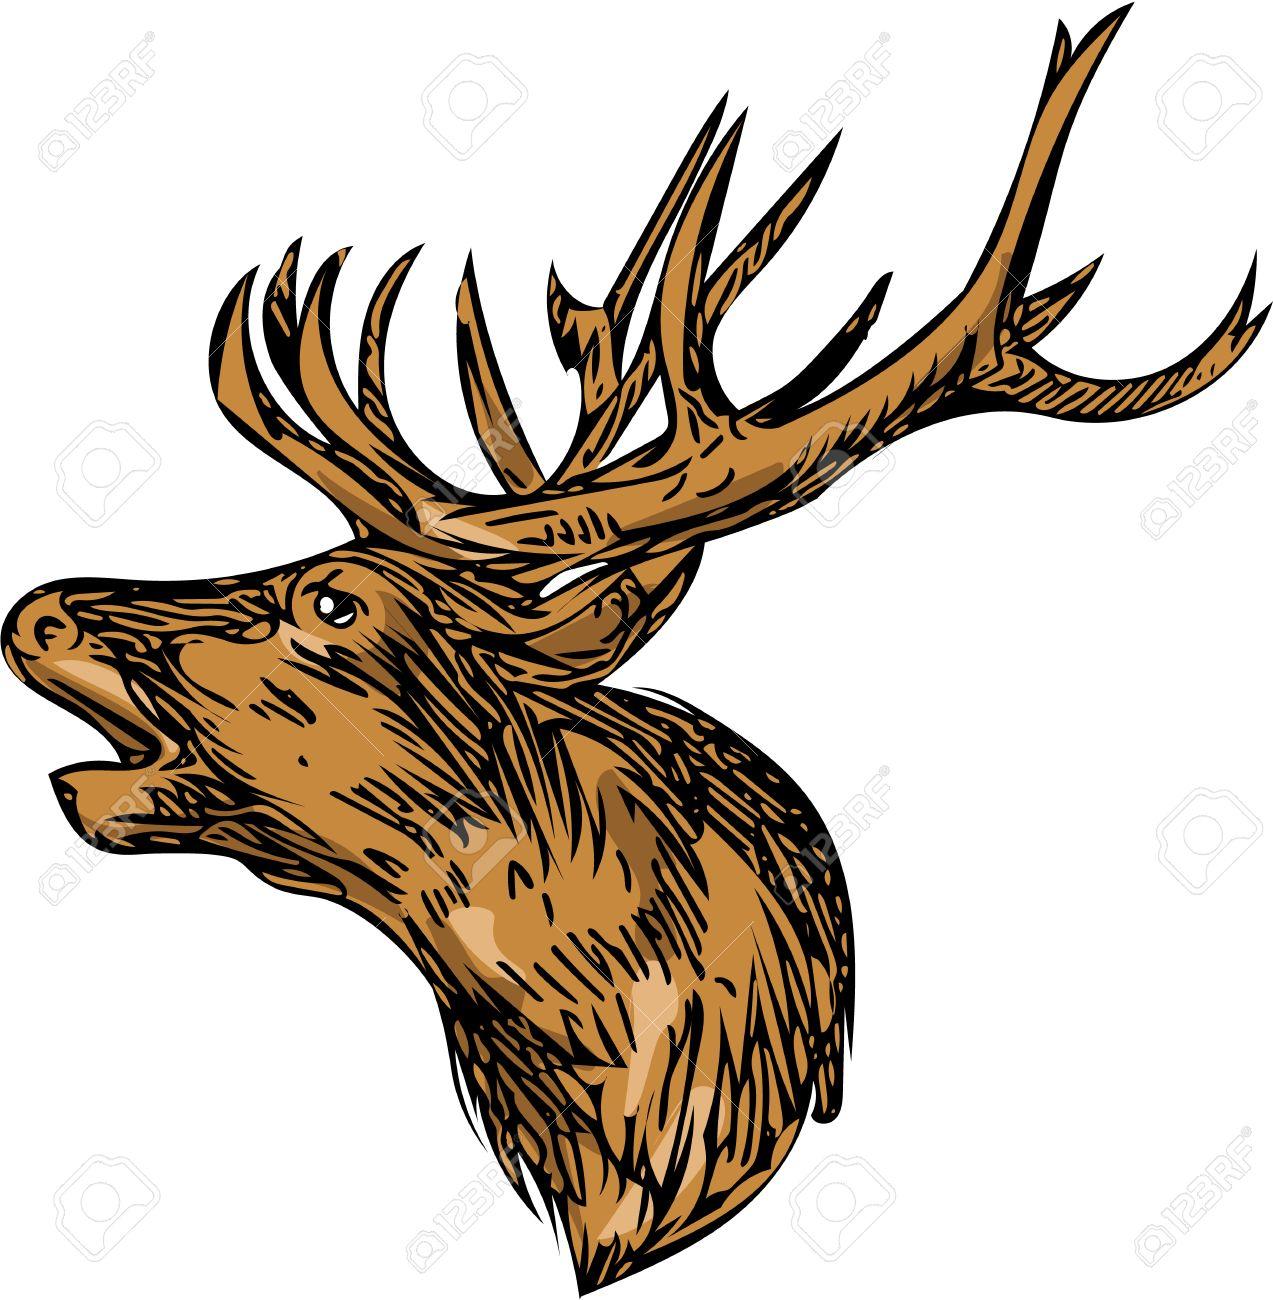 Dessin Croquis Illustration De Style D Un Cerf Cerf Tête De Mâle